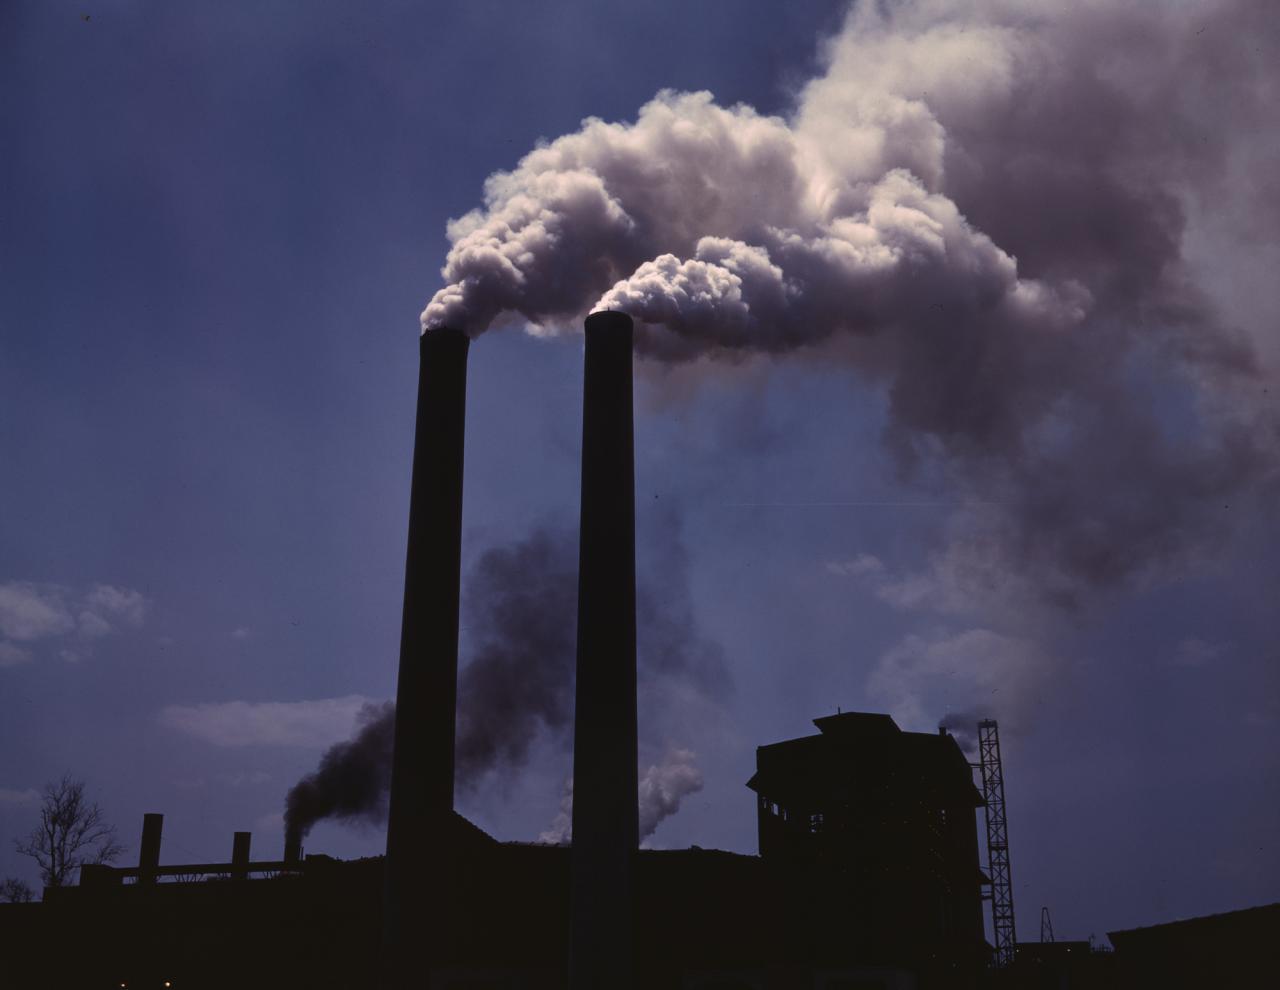 مشاكل البيئة اكثر المسببات فى تلوث البيئة كيوت